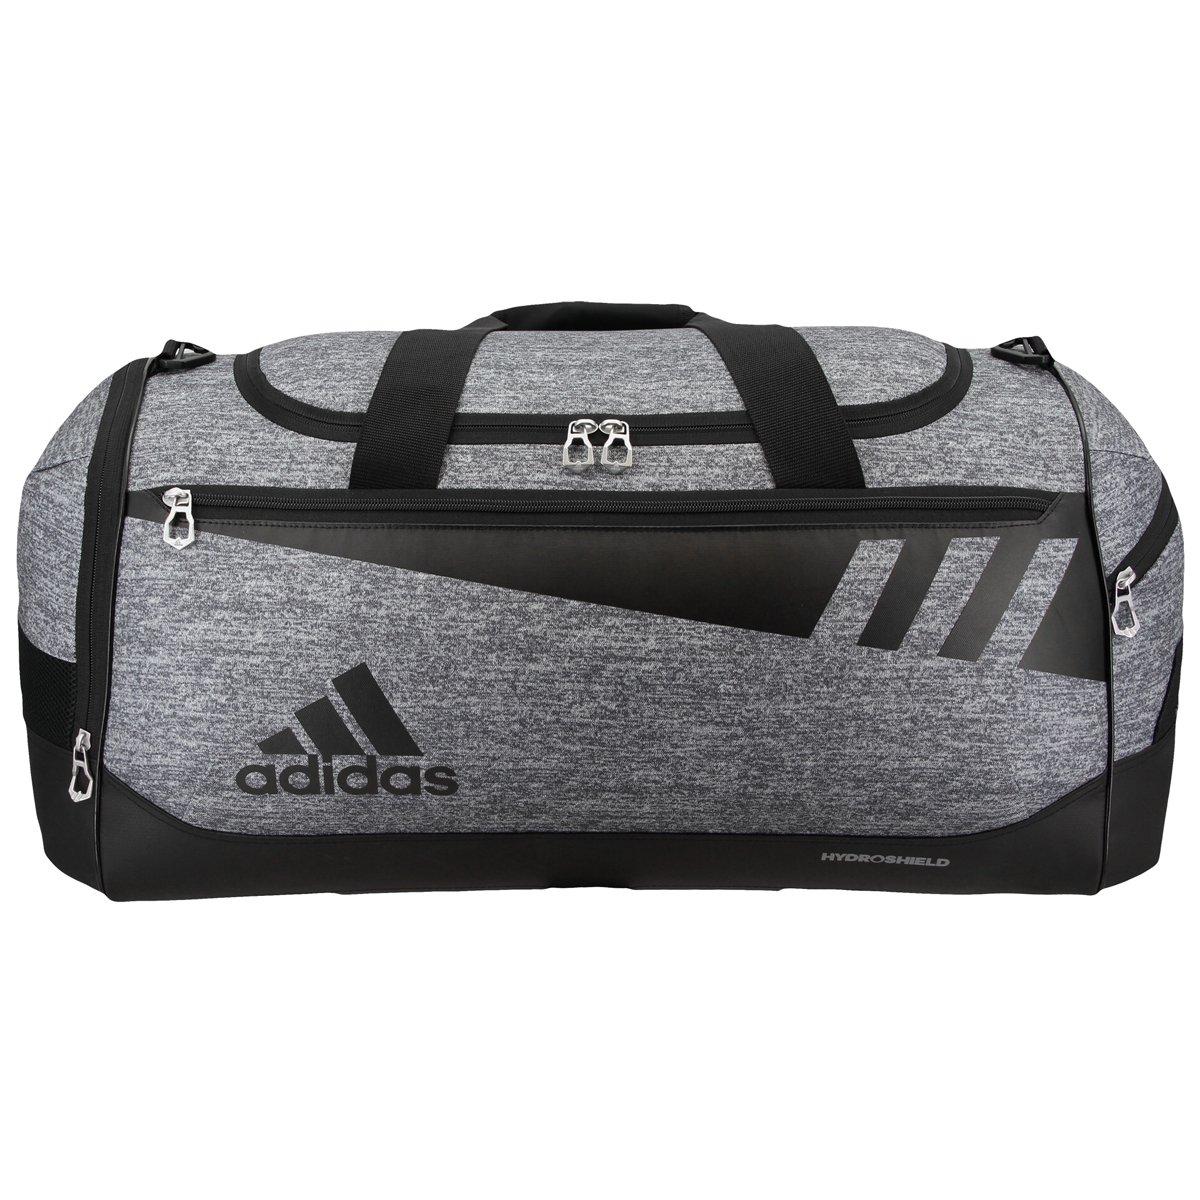 Adidas Osfa: Unisex Squadra Questione Borsone, Osfa: Adidas Sport & Esterno 738e8c